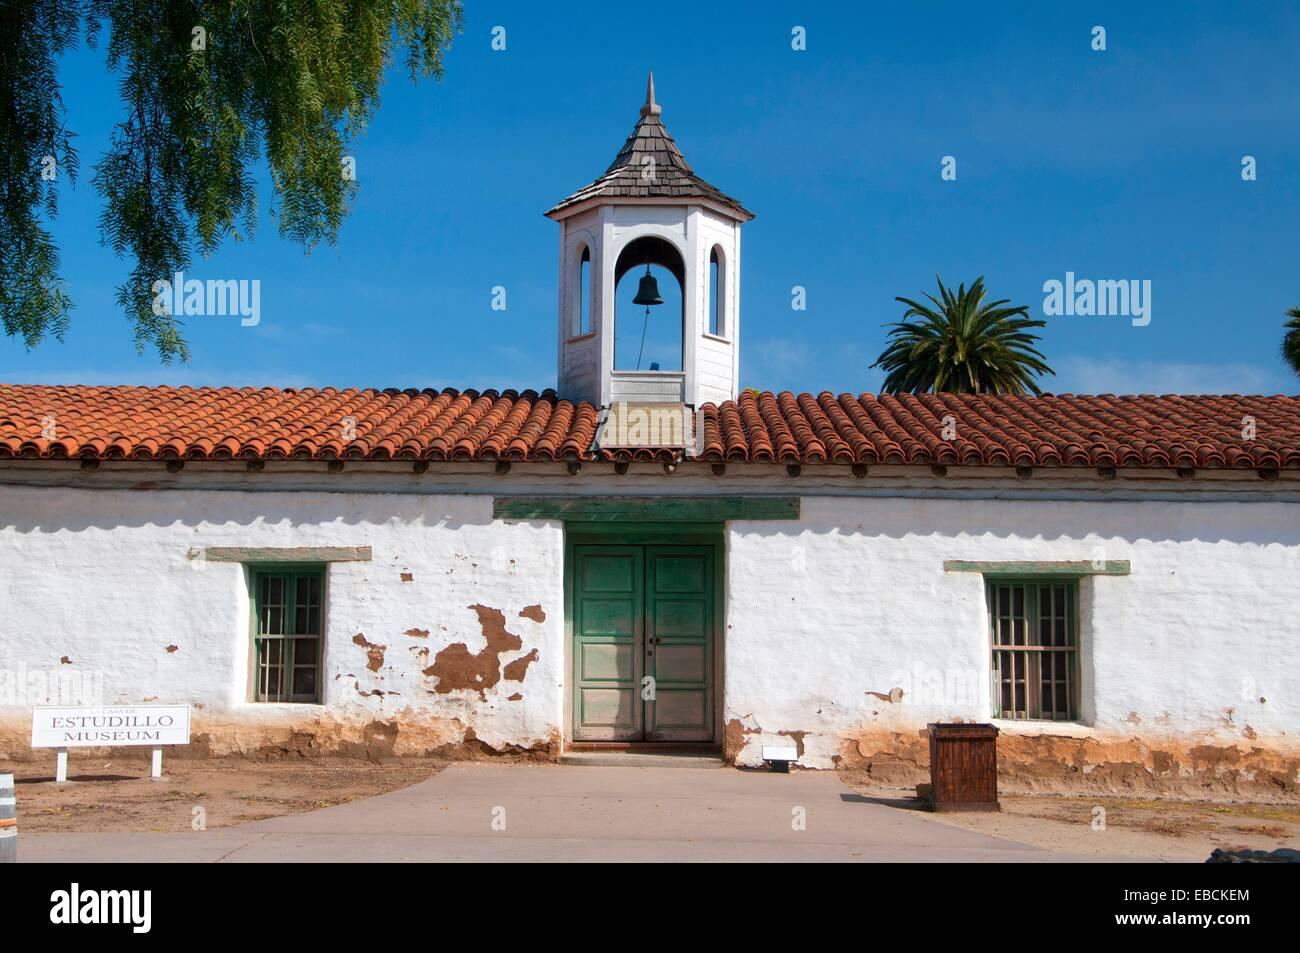 La casa de estudillo old town san diego state historic - La casa vintage ...